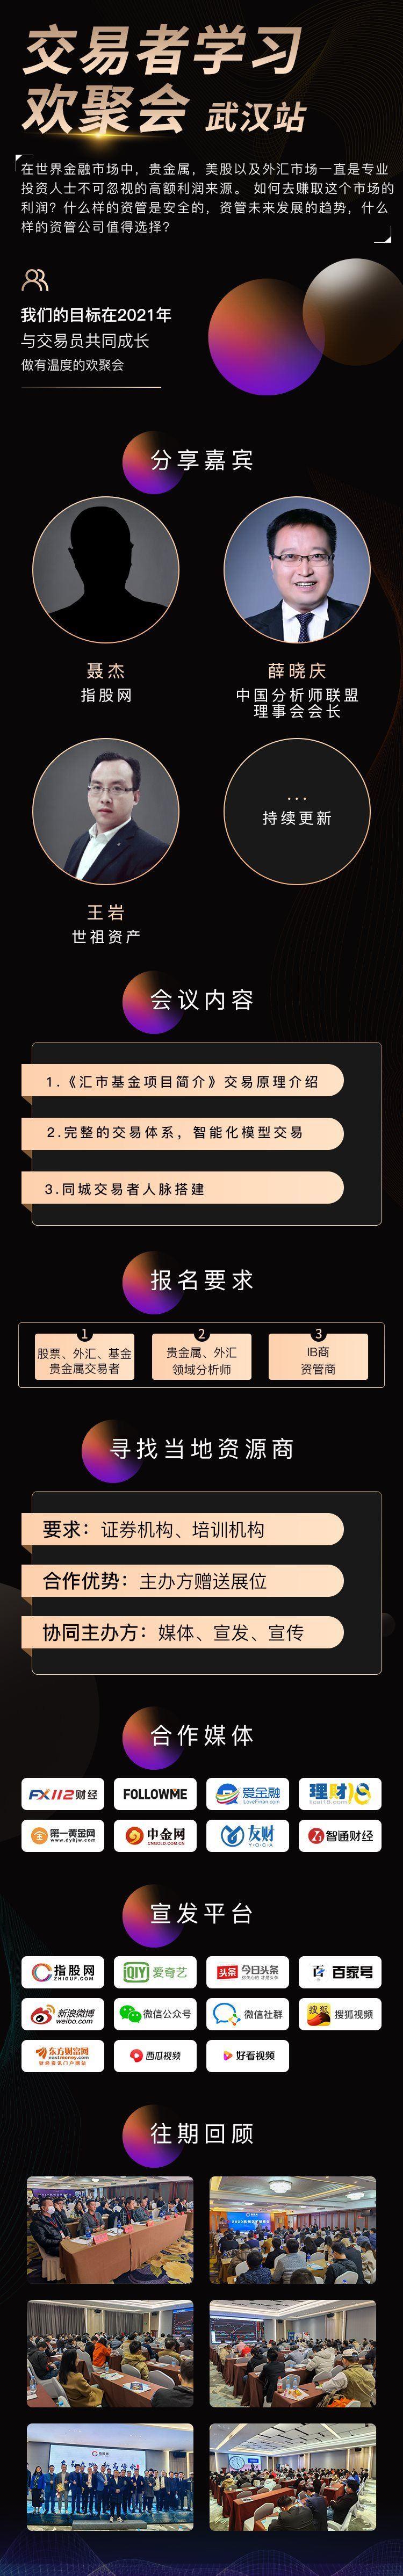 交易者学习-武汉.png